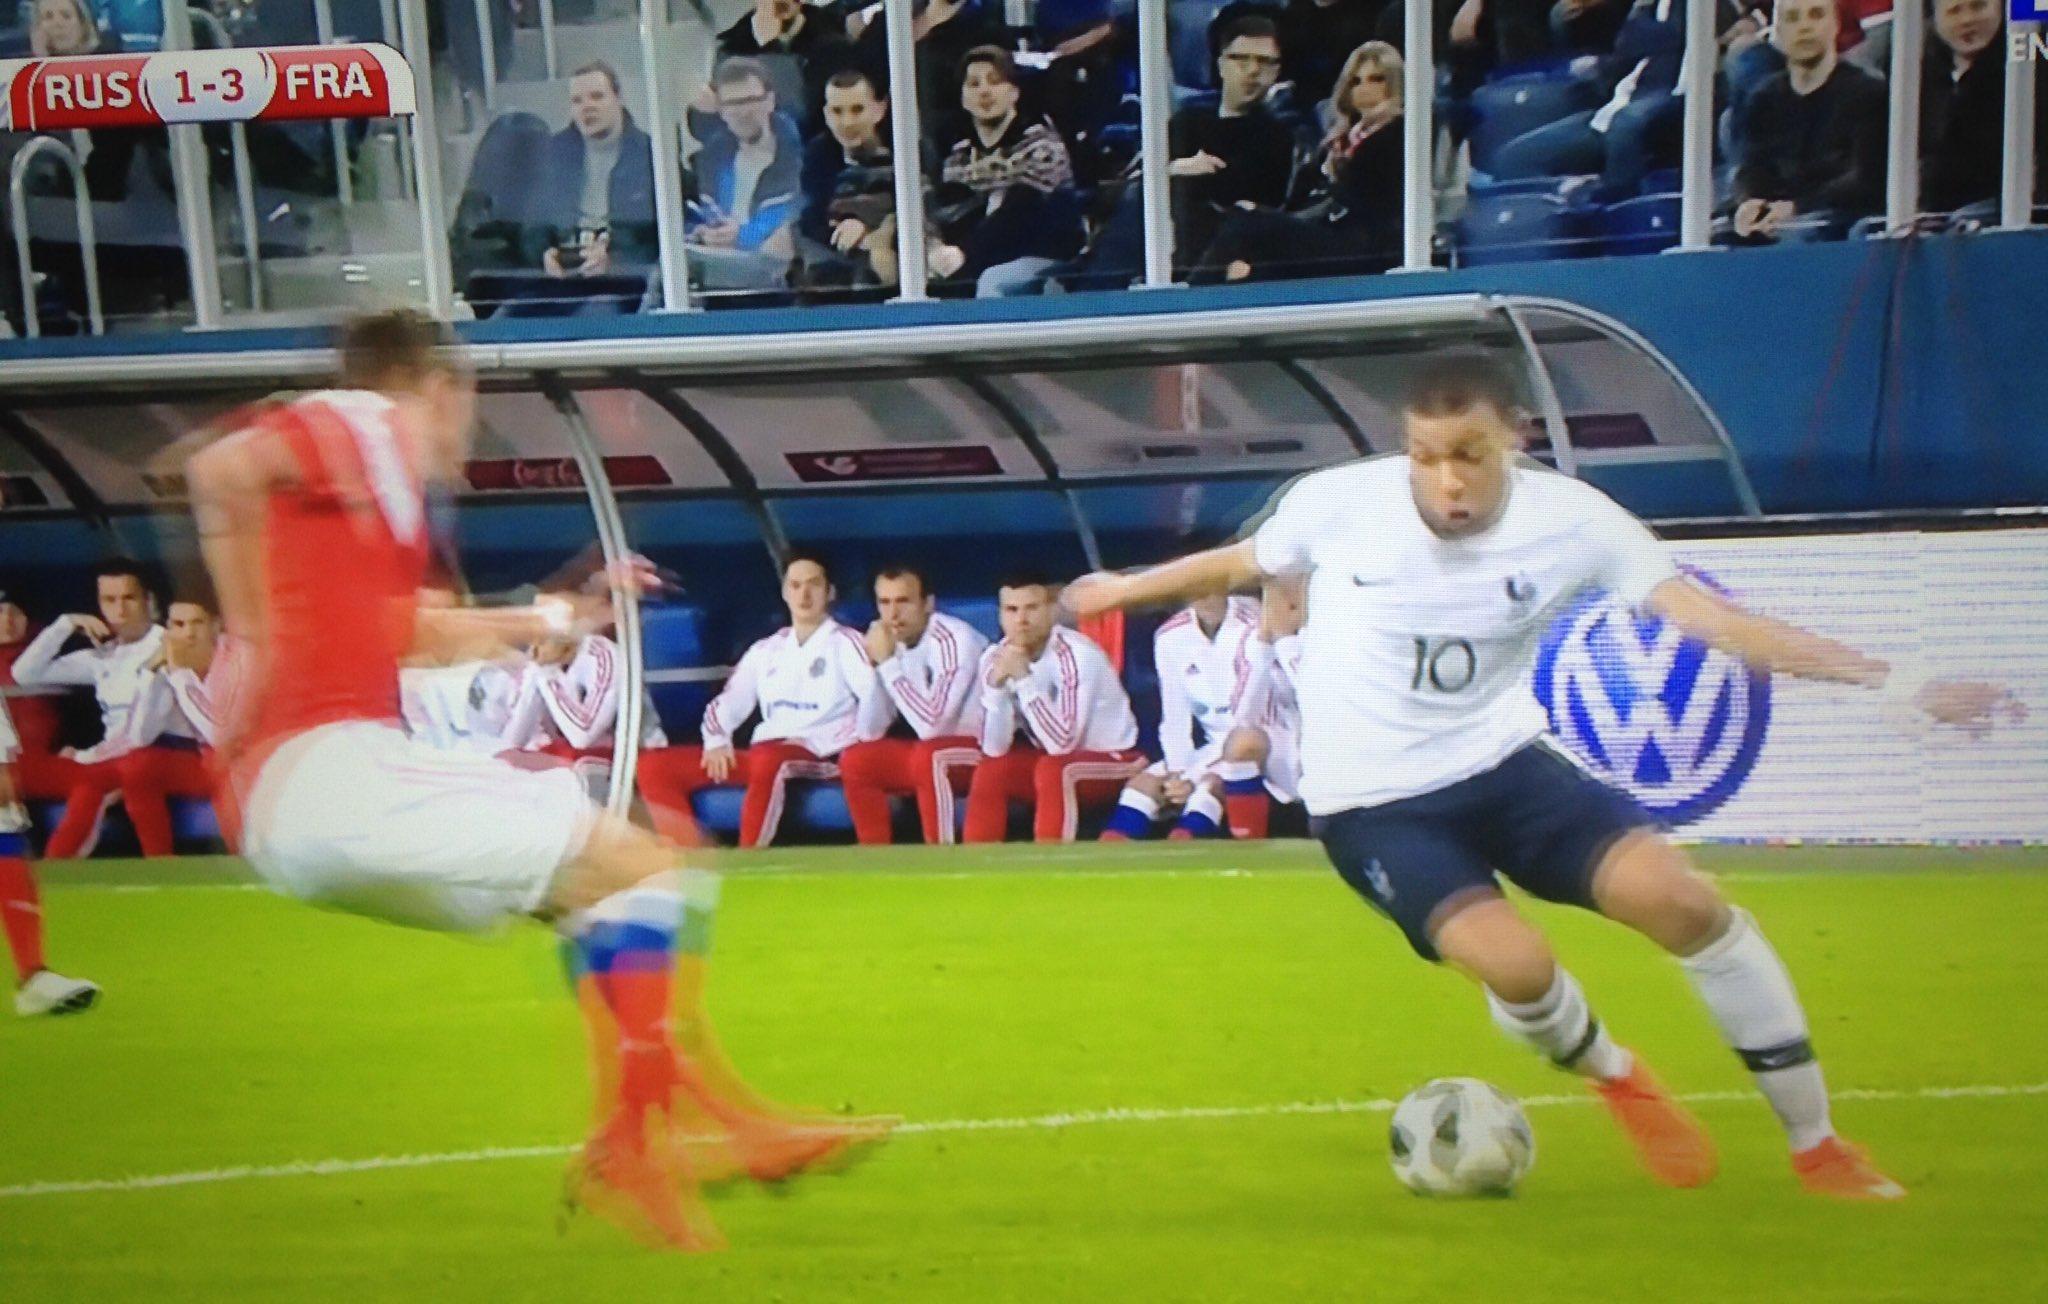 Kylian Mbappé inscrit un doublé contre la Russie et sort pour recevoir des soins